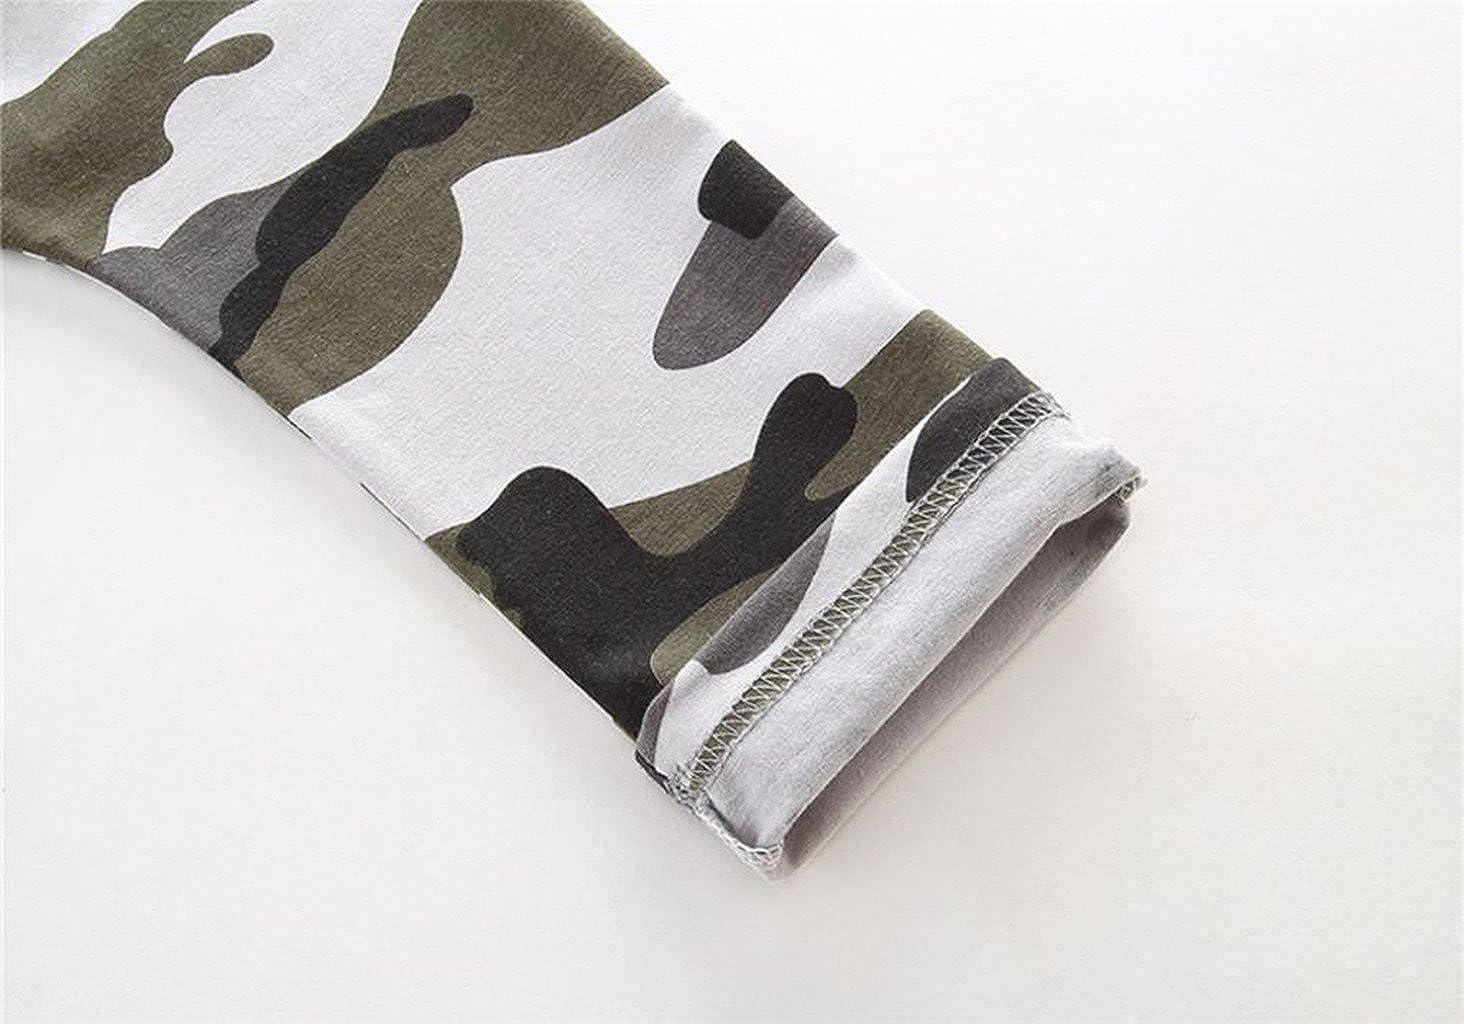 Bonjouree Ensembles Pantalons et Haut Gar/çon Tops Pull Imprim/é Lettre et Pantalon Camouflage pour Enfants Gar/çon 1-6 Ans